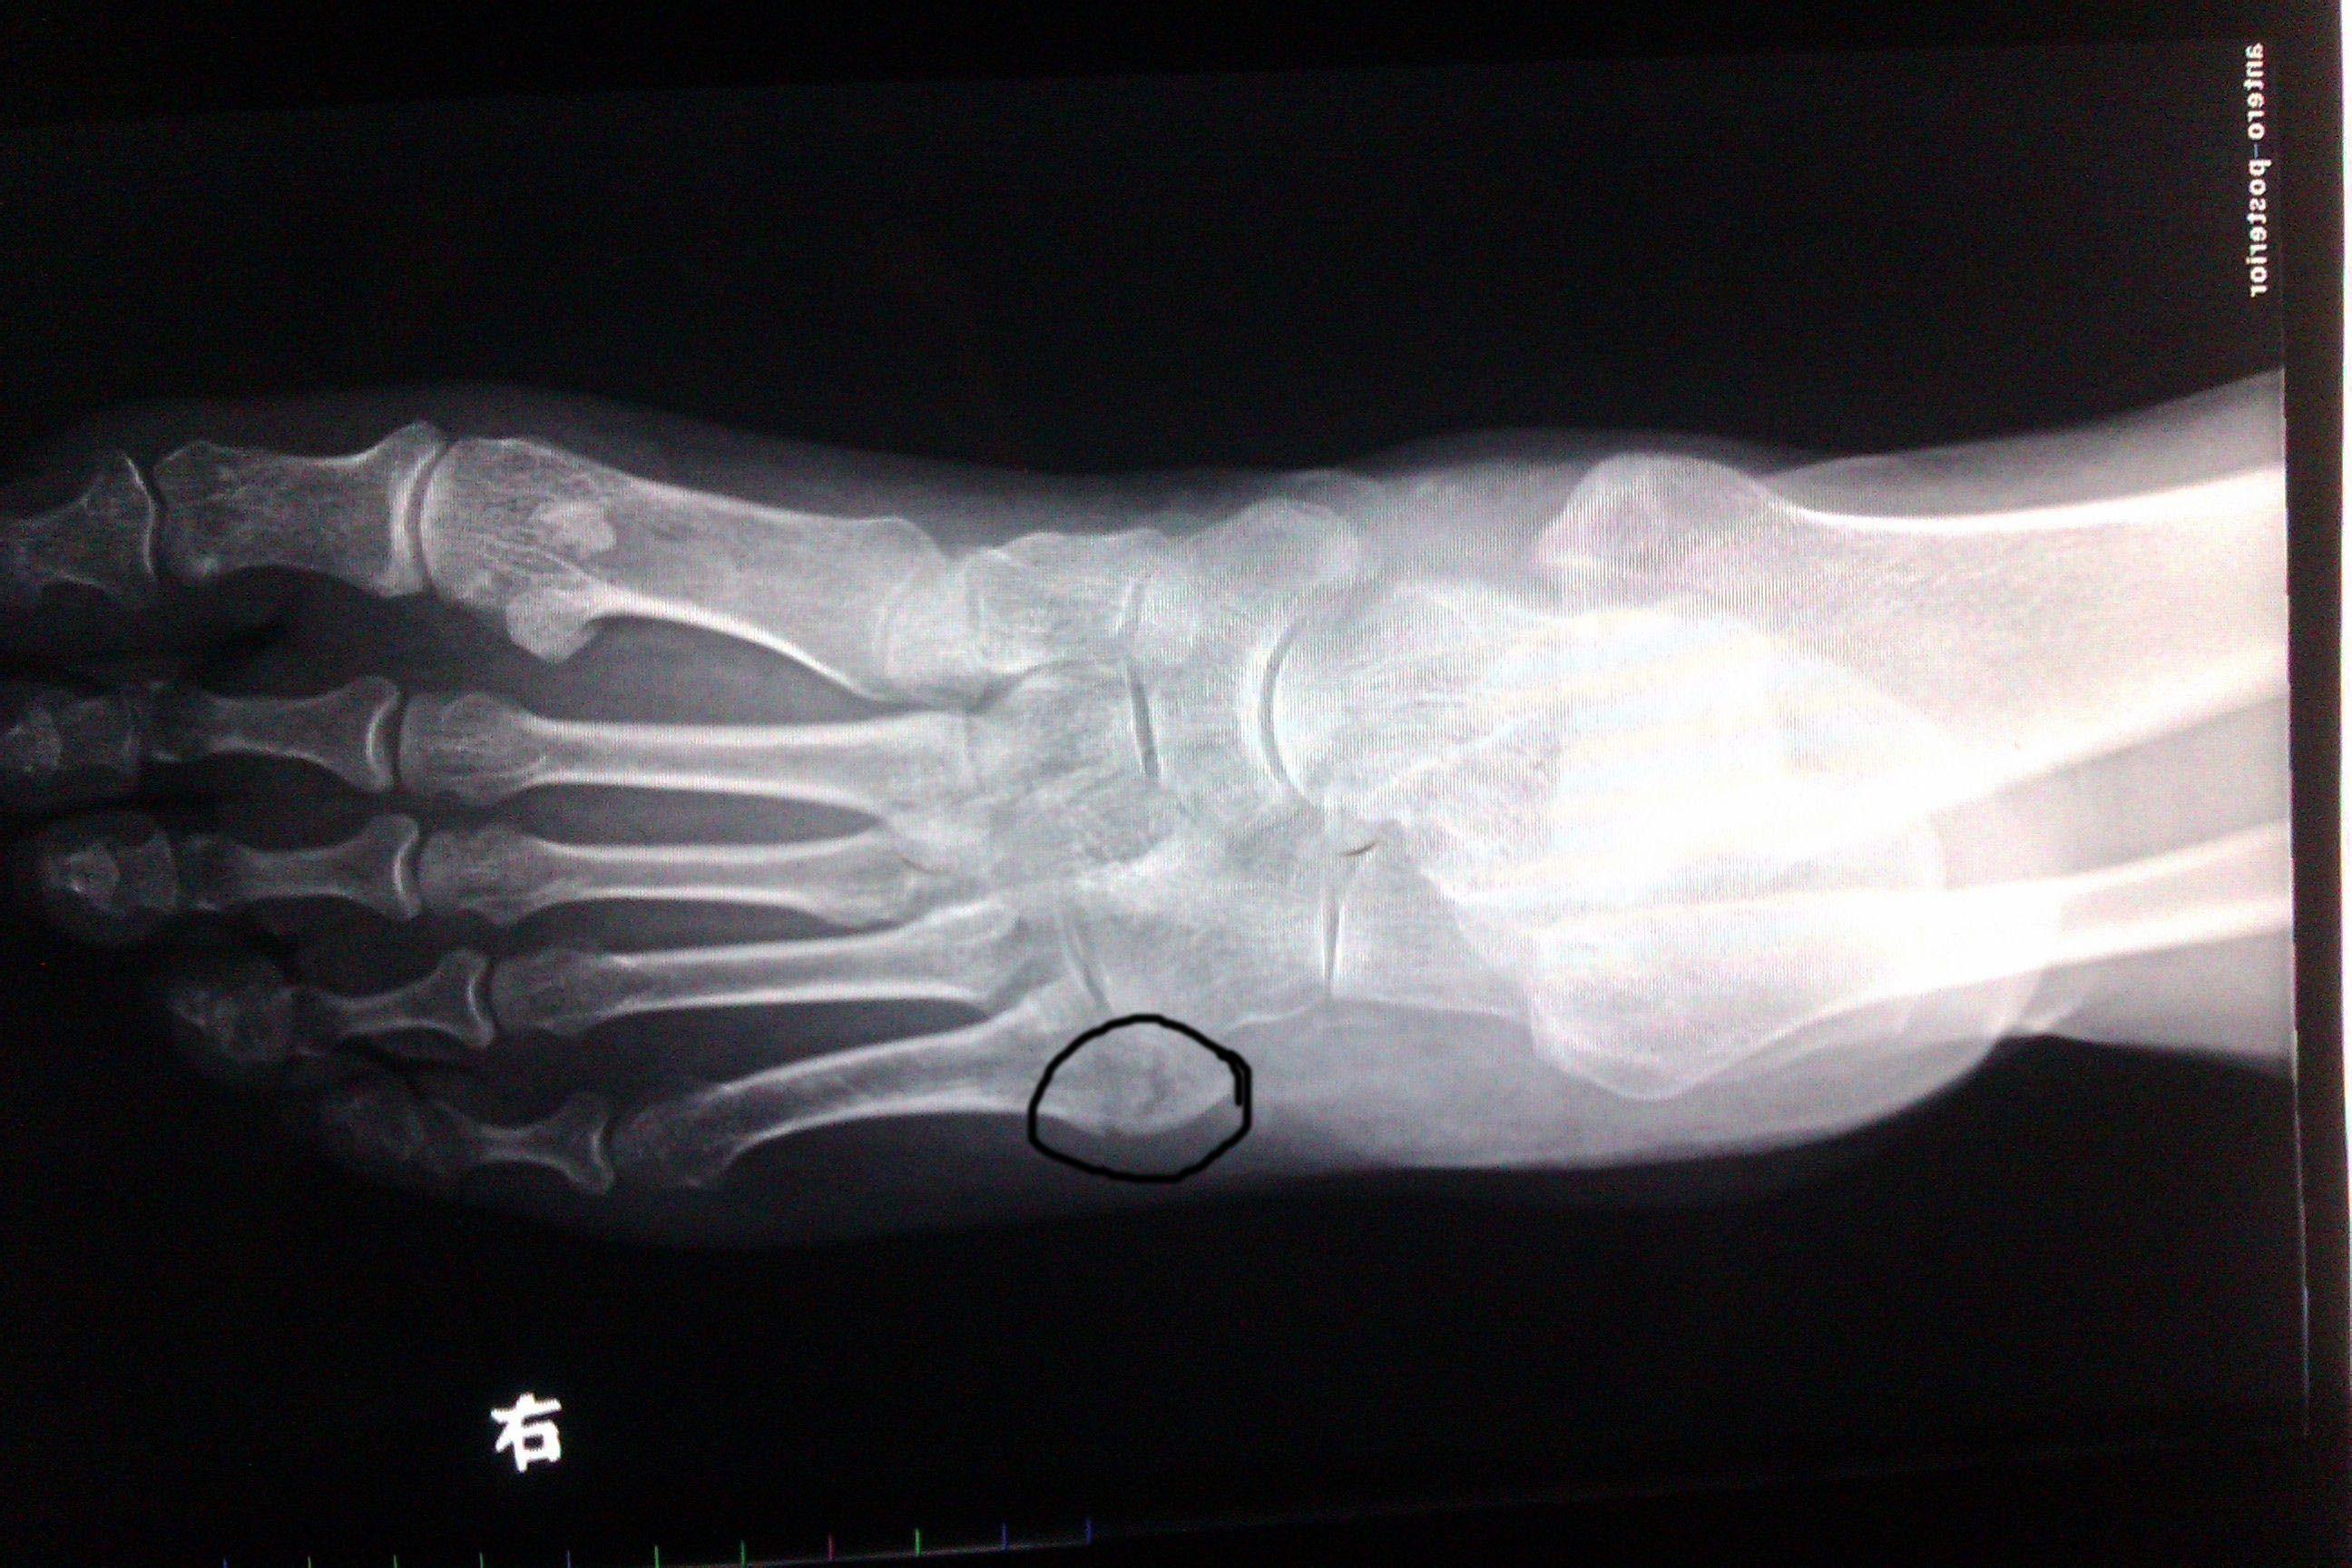 要命的数学_帮我看下脚哪里骨折了。有图给确实回答的果断给分,在线等 ...